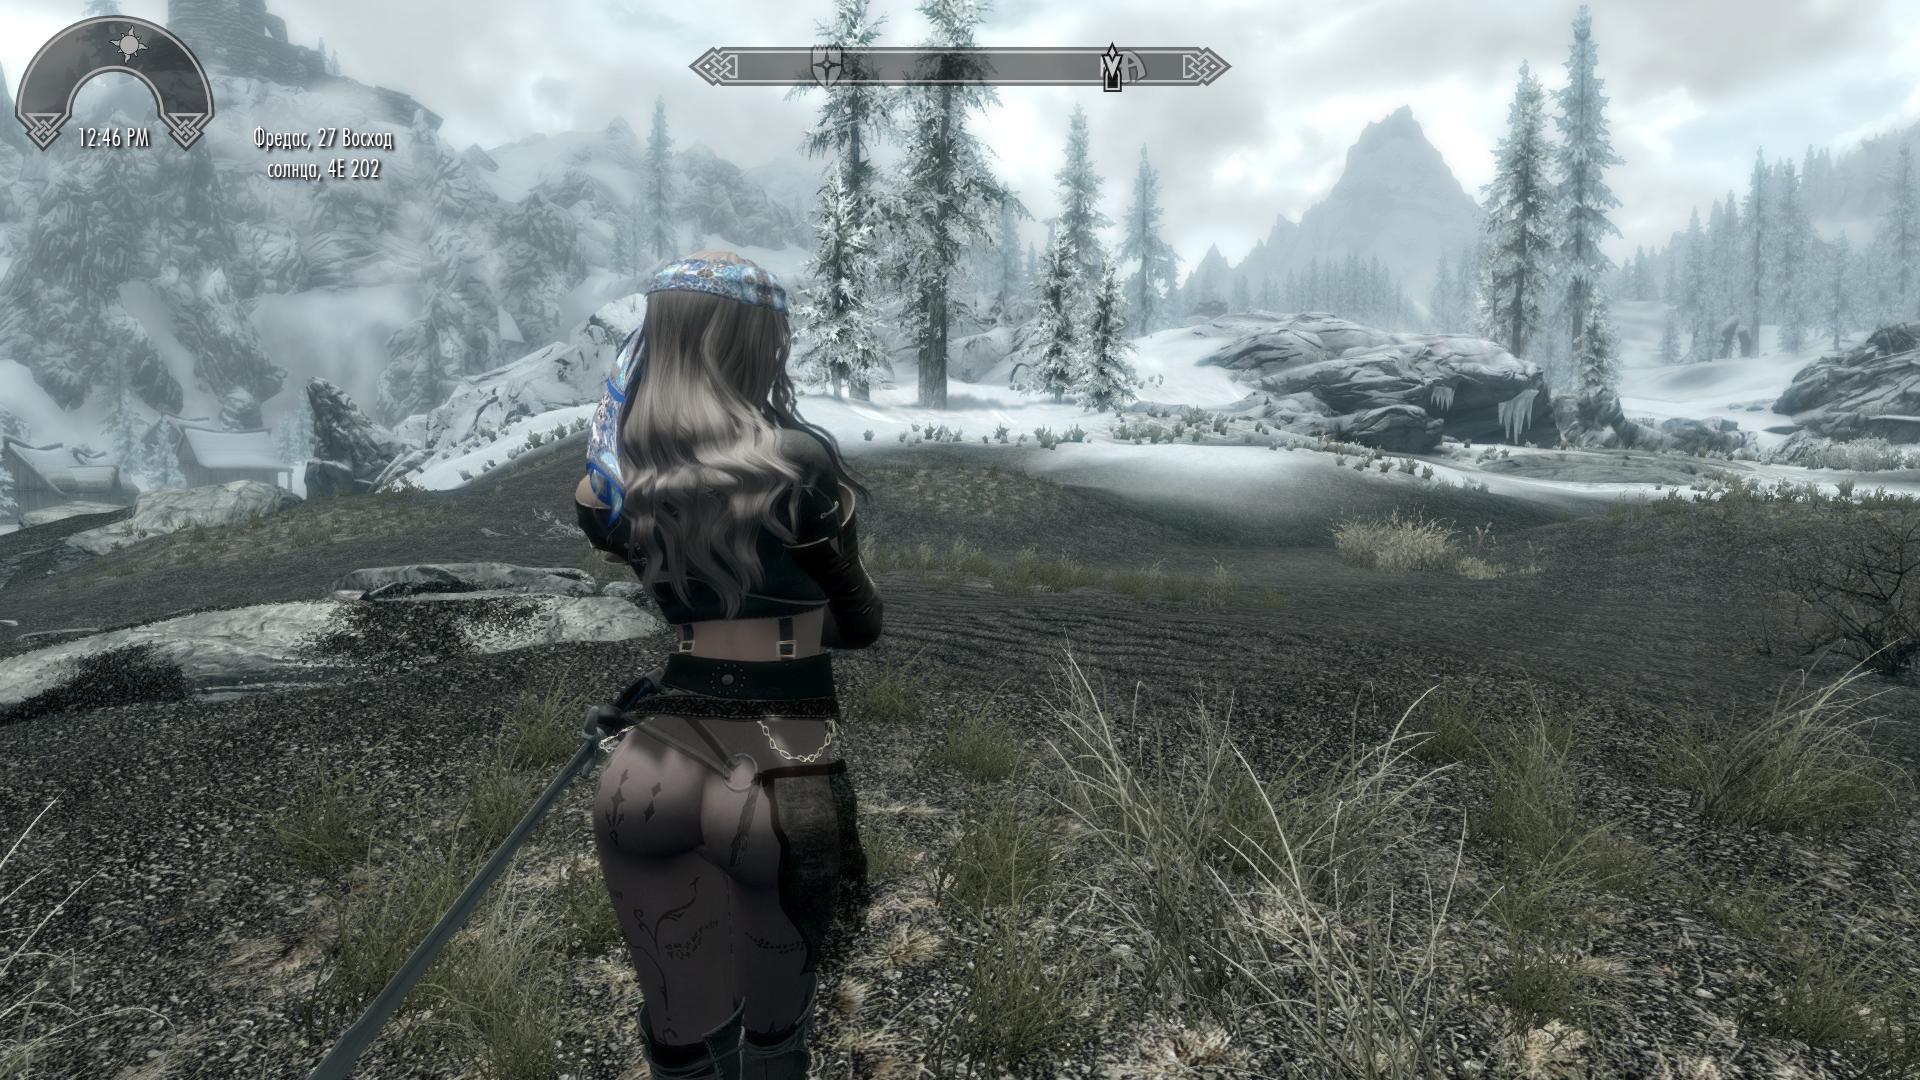 Героиня ракурс 23 - Elder Scrolls 5: Skyrim, the